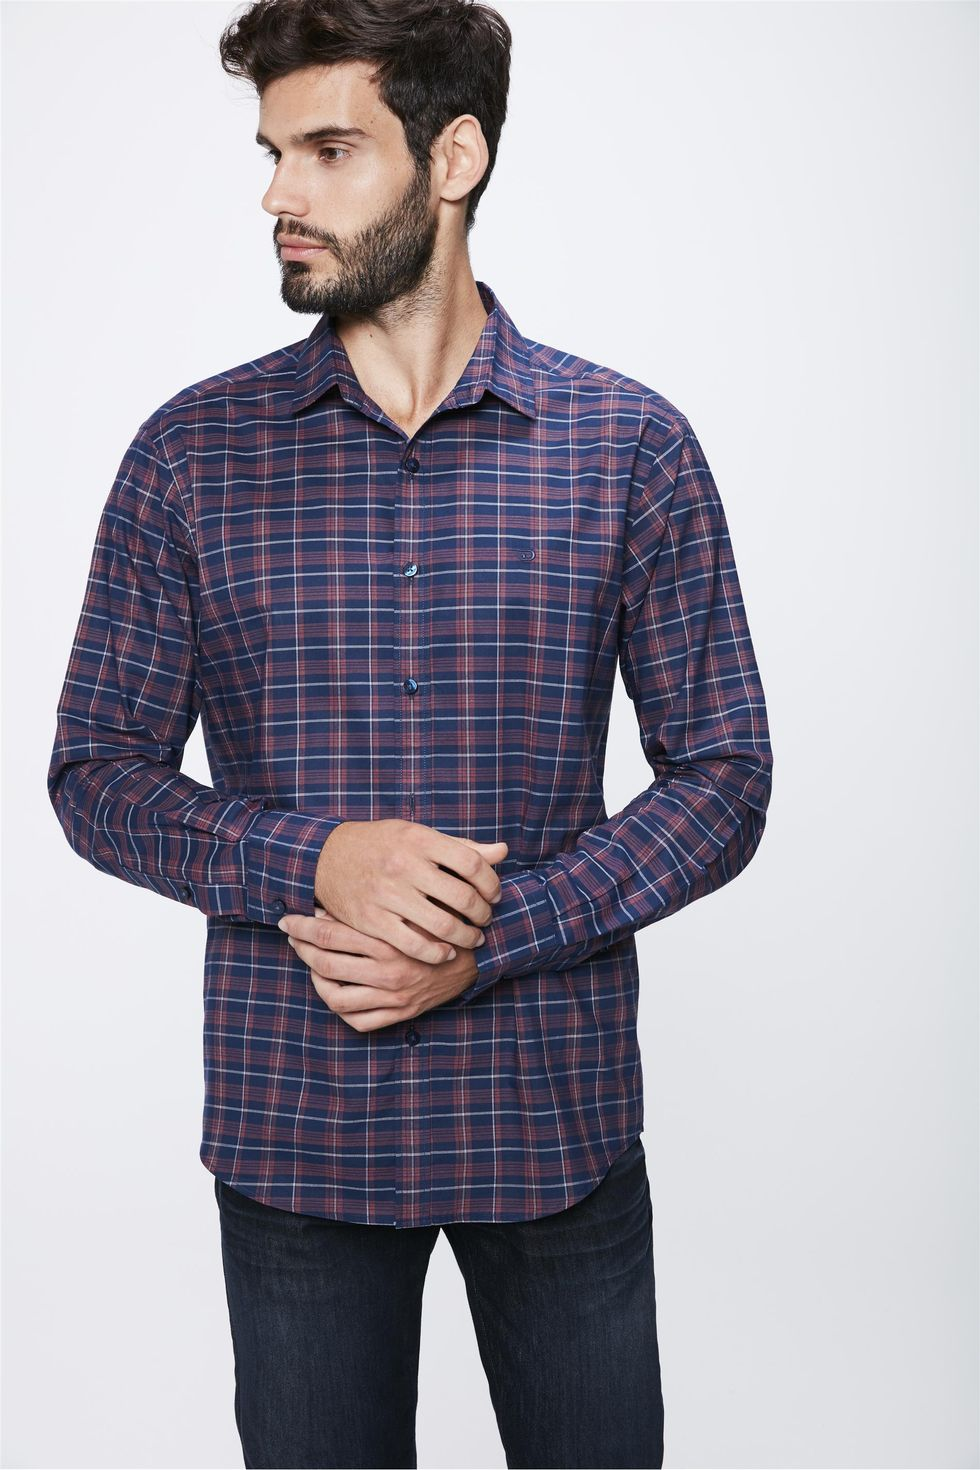 Camisa-Xadrez-Manga-Longa-Masculina-Frente--